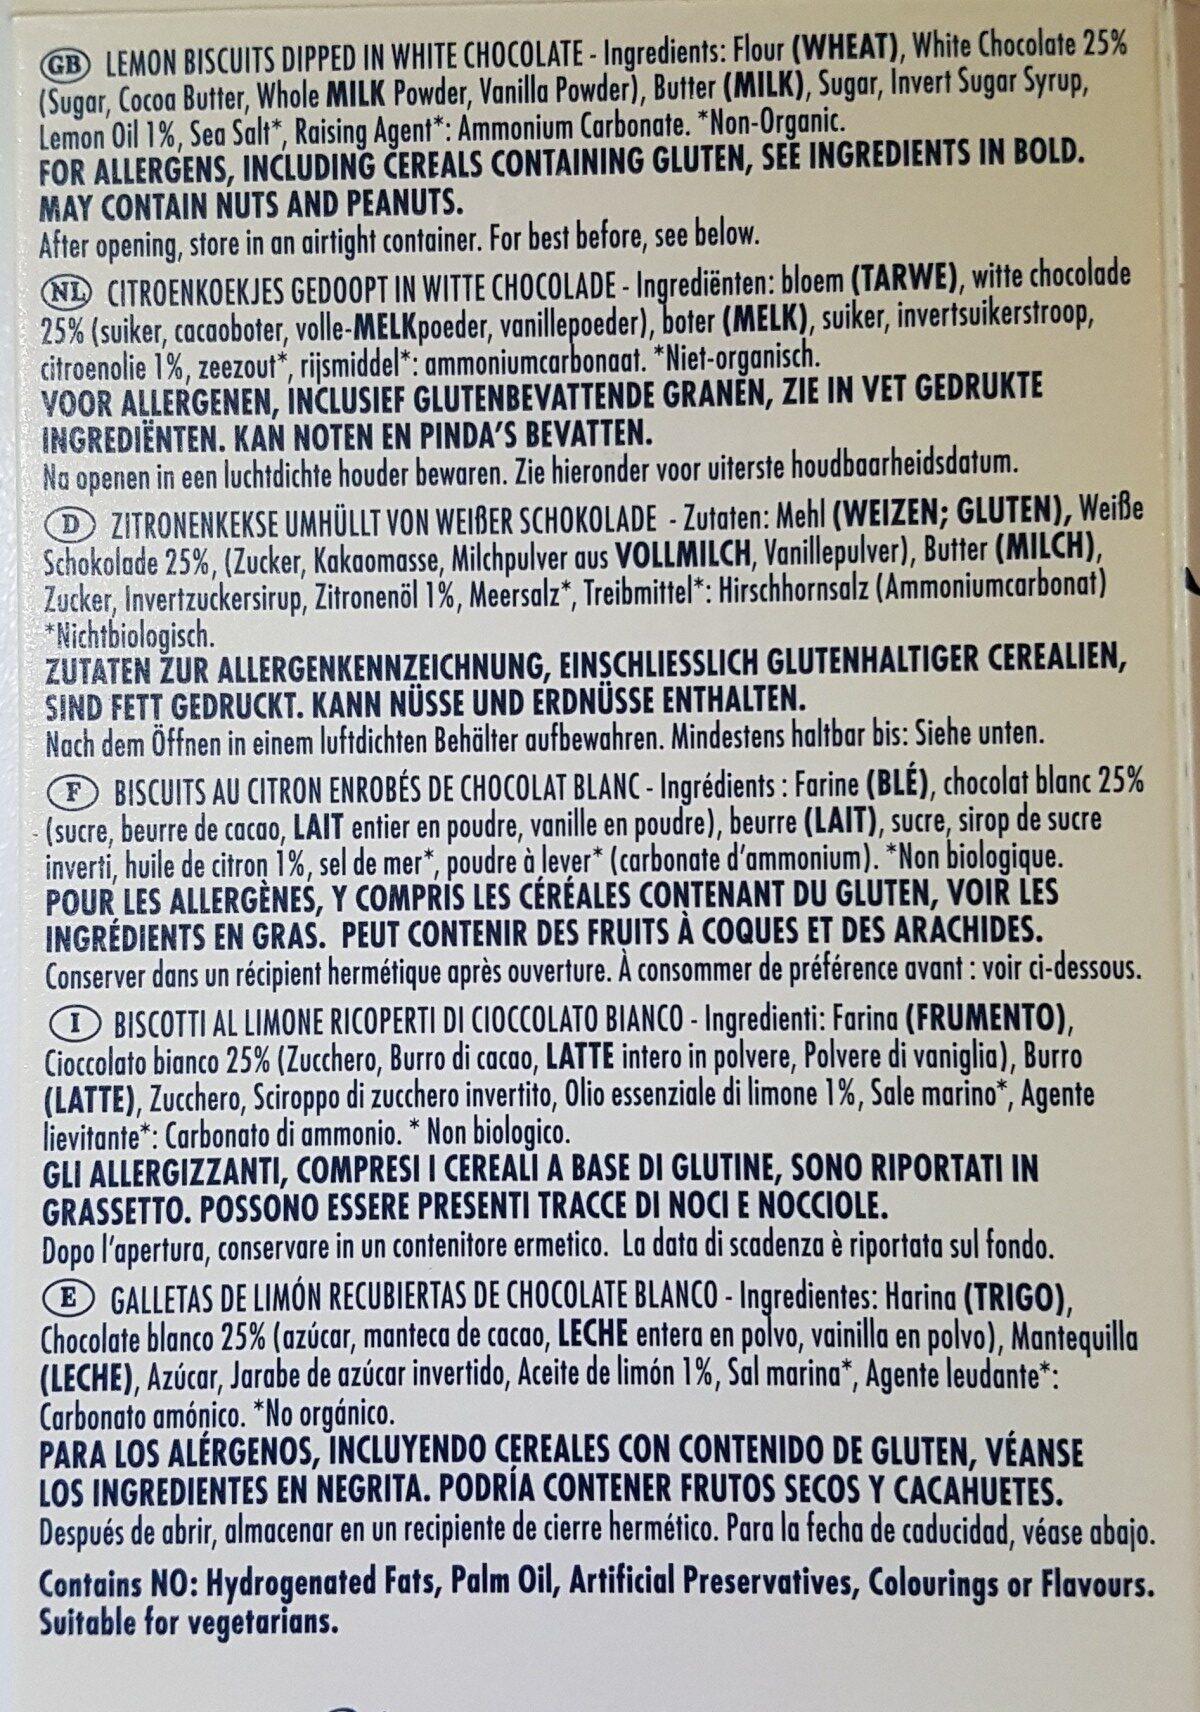 Island Bakery Organics Lemon Melts - Ingredients - fr